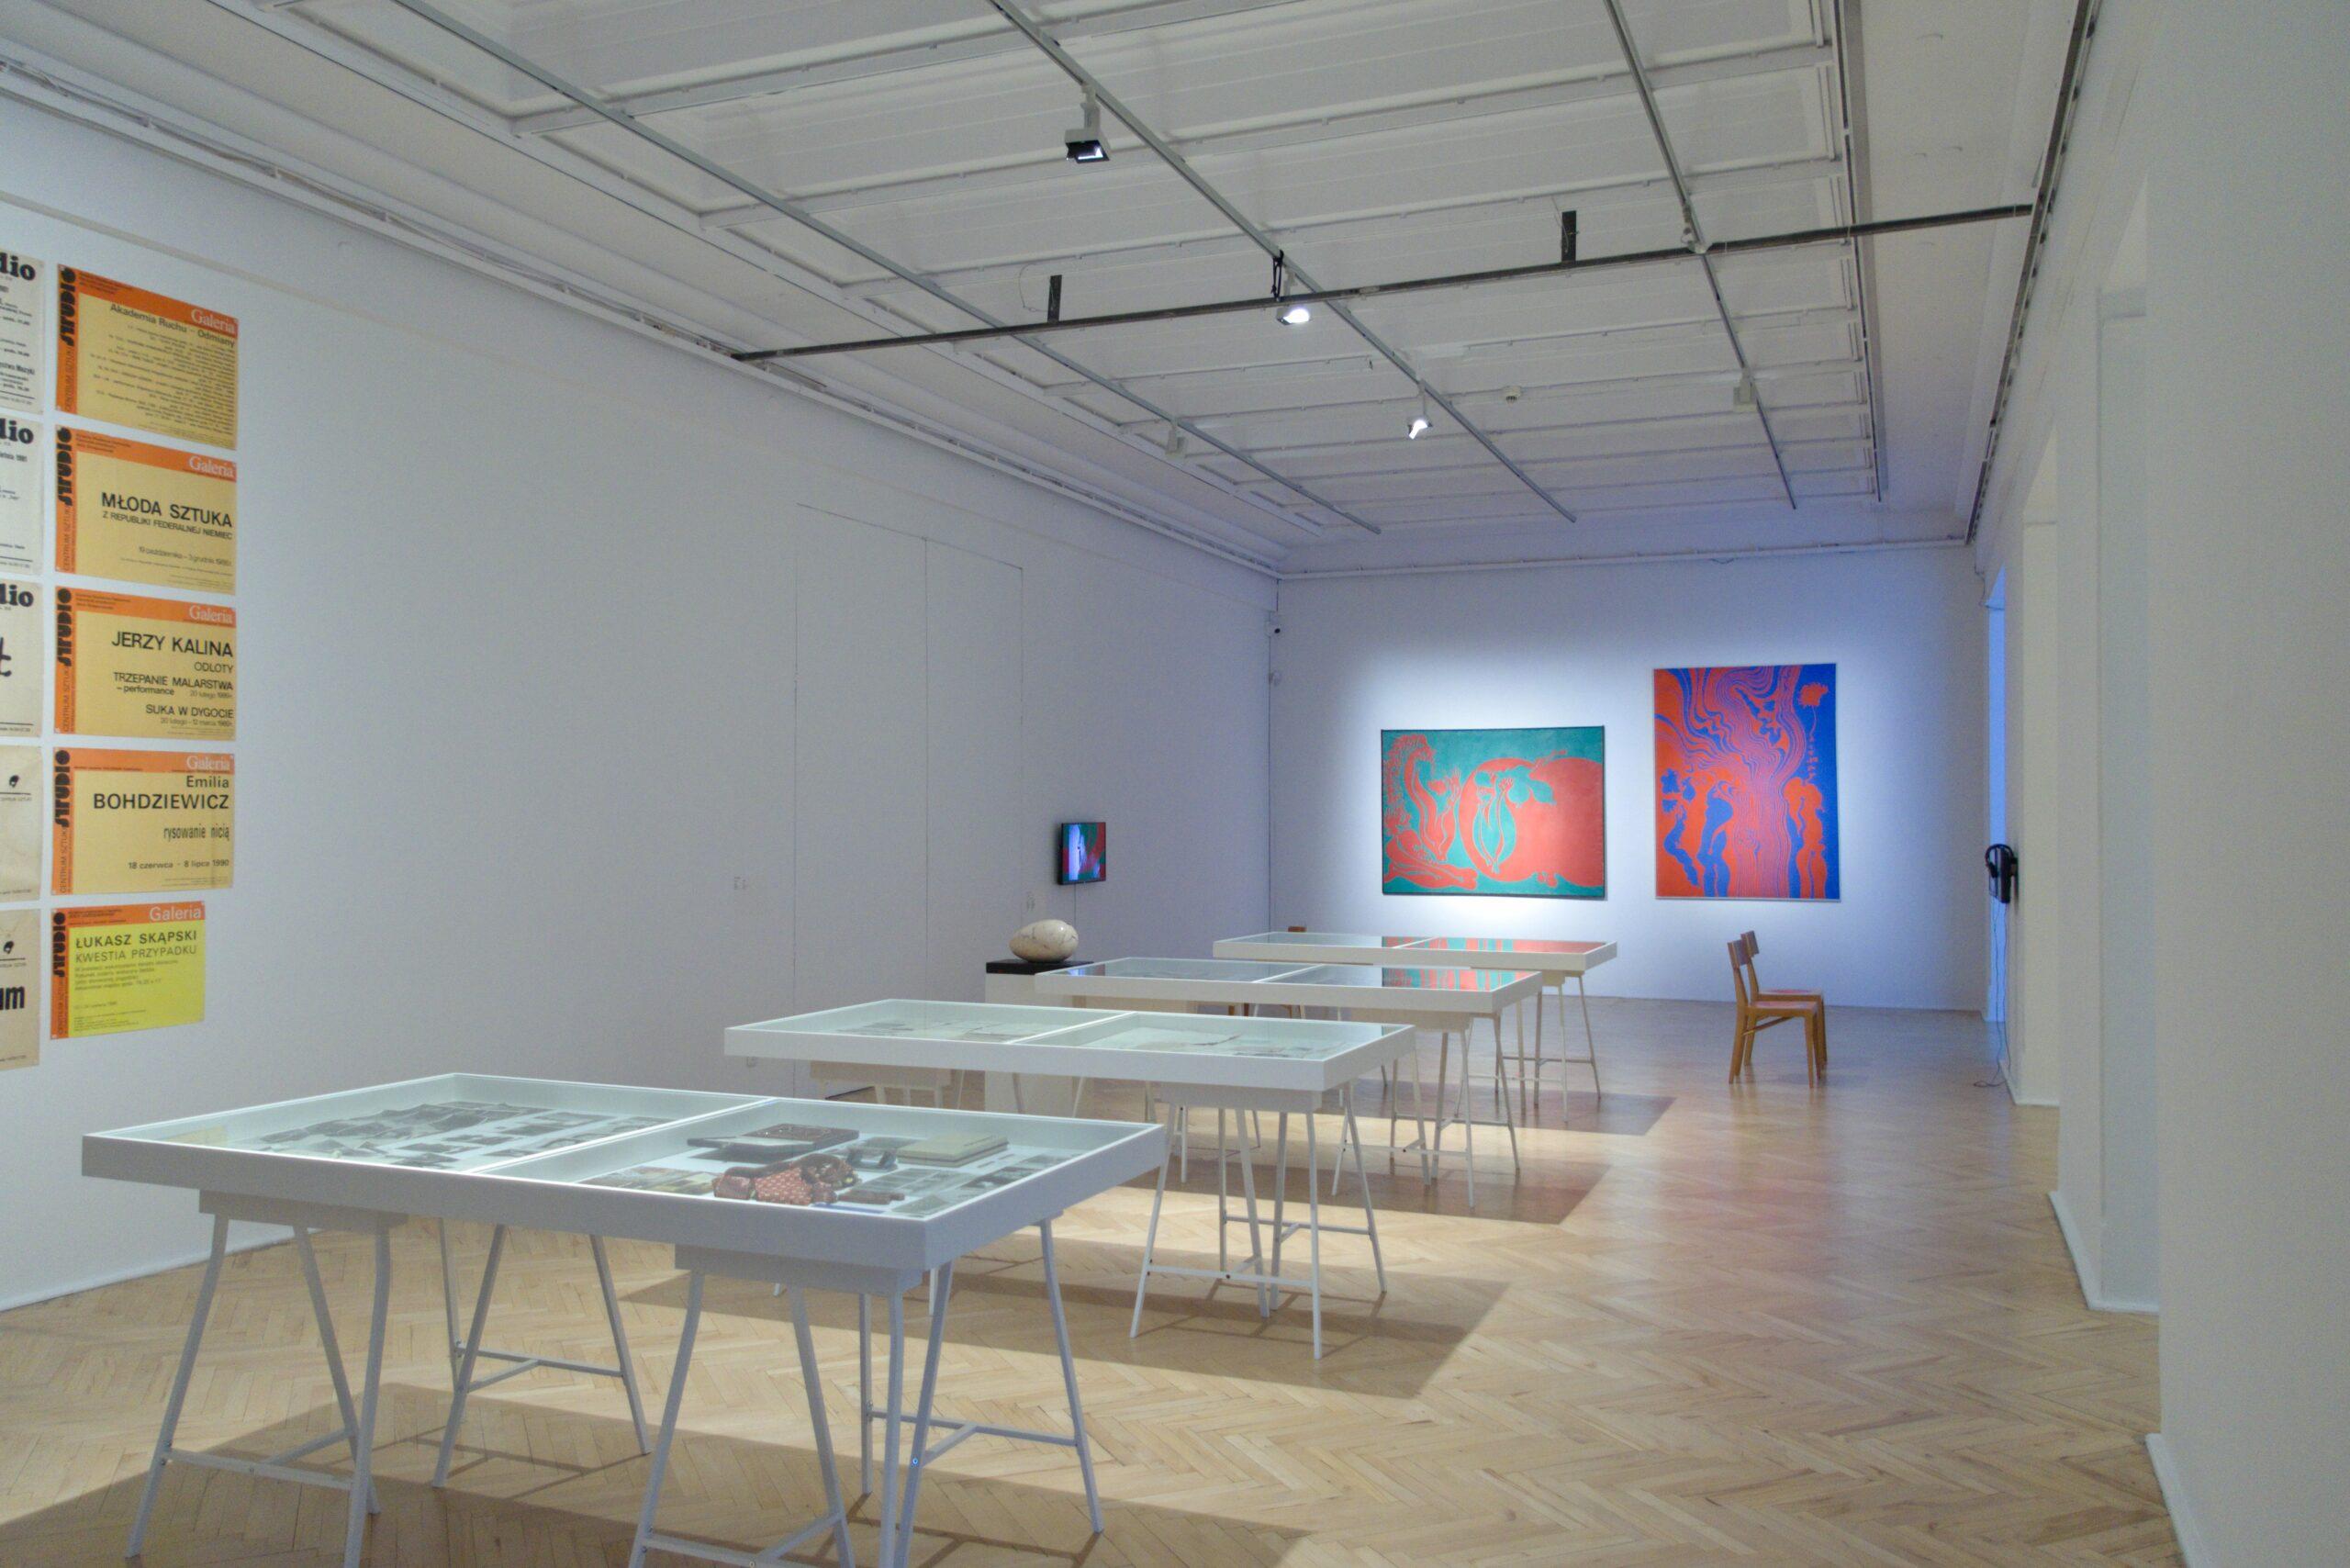 Widok wystawy kolekcji Galerii Studio, w głębi prace Jana Dobkowskiego